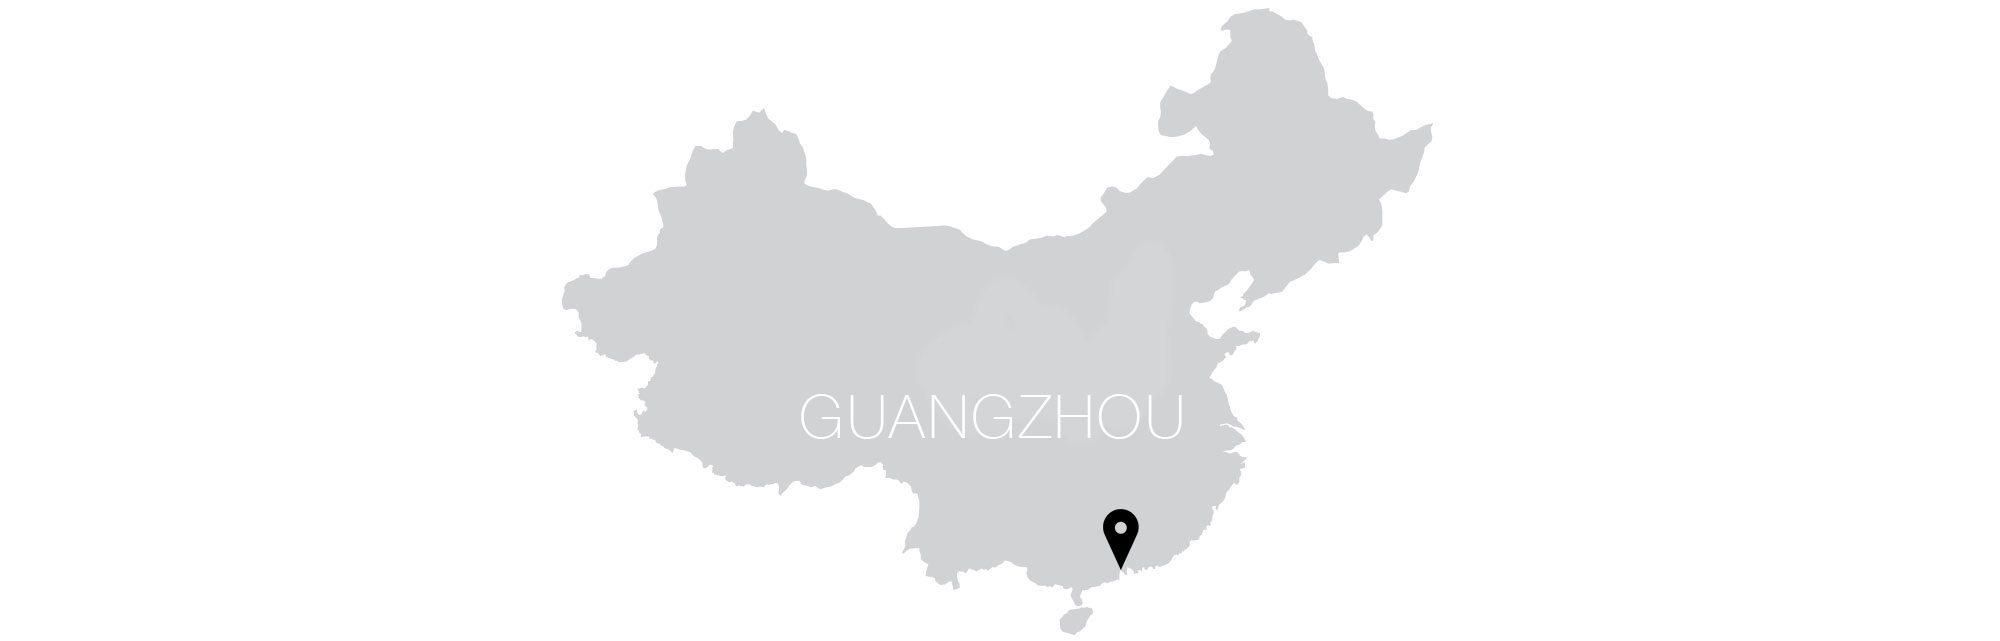 Guangzhou Map Text